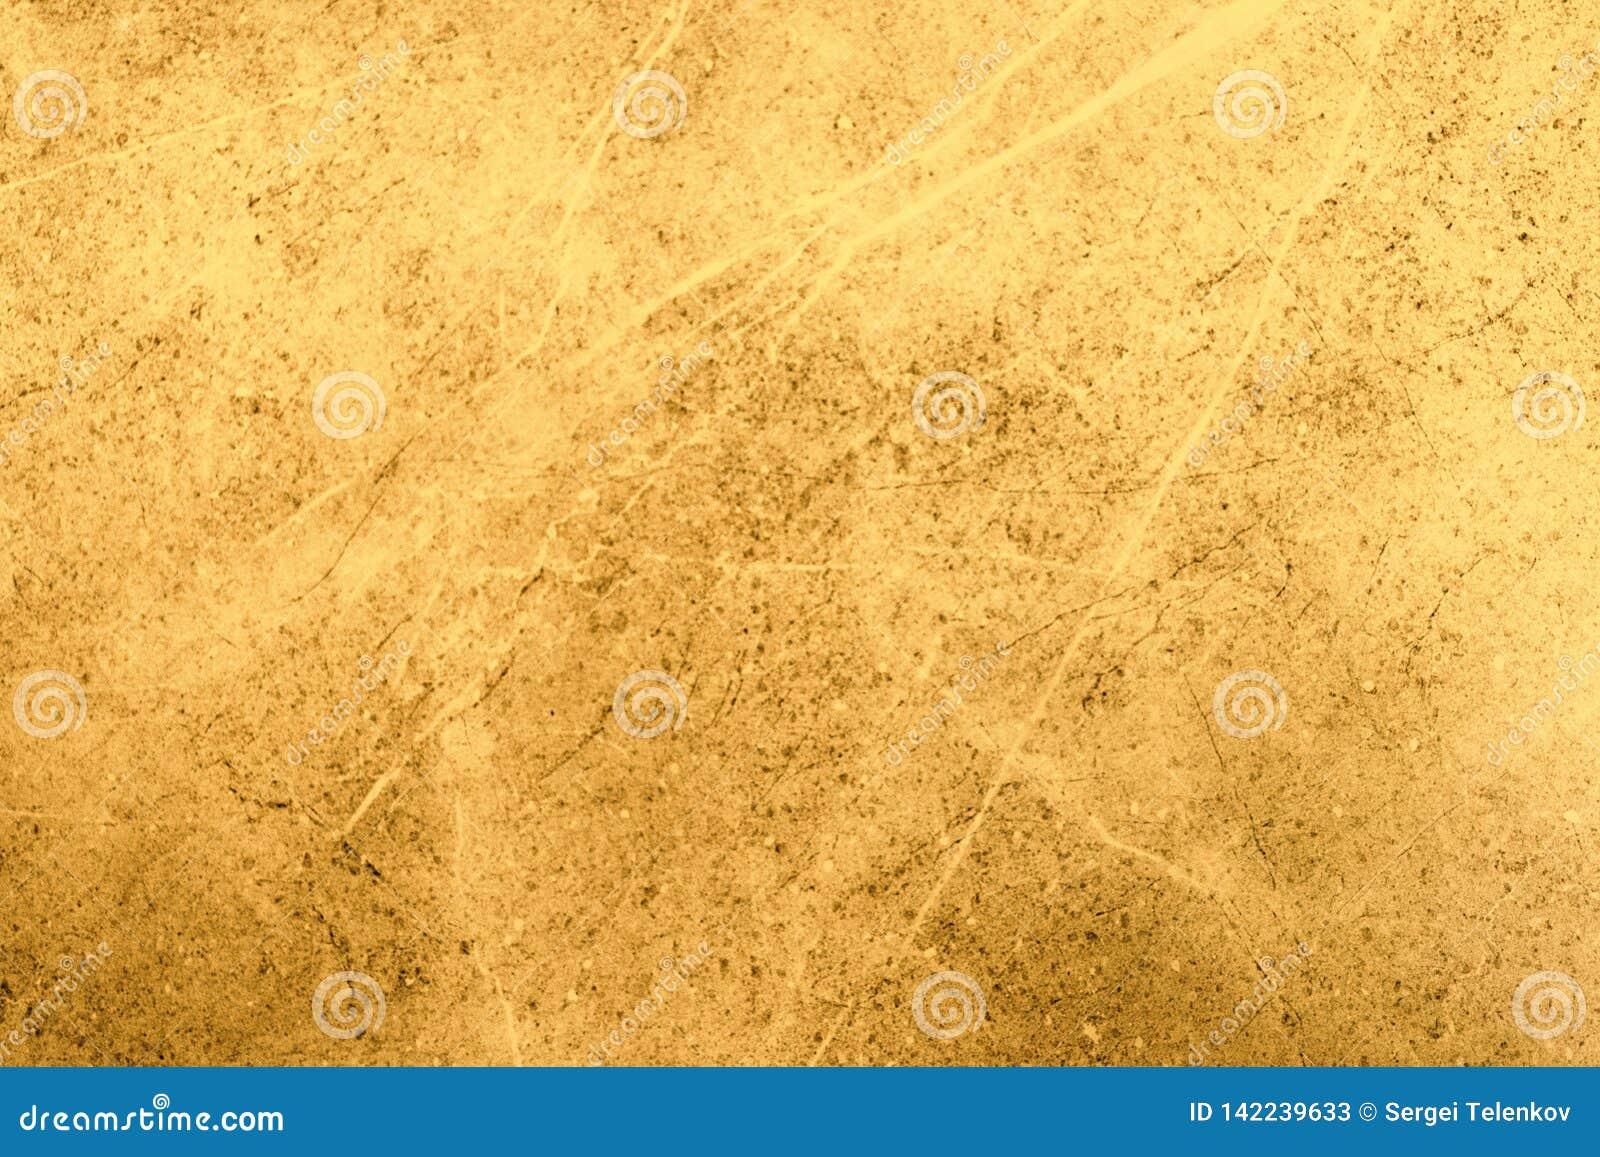 Bakgrund marmorerar den guld- stenen Texturera naturligt marmorerar ljusfärg Tegelplatta i badrummet eller köket